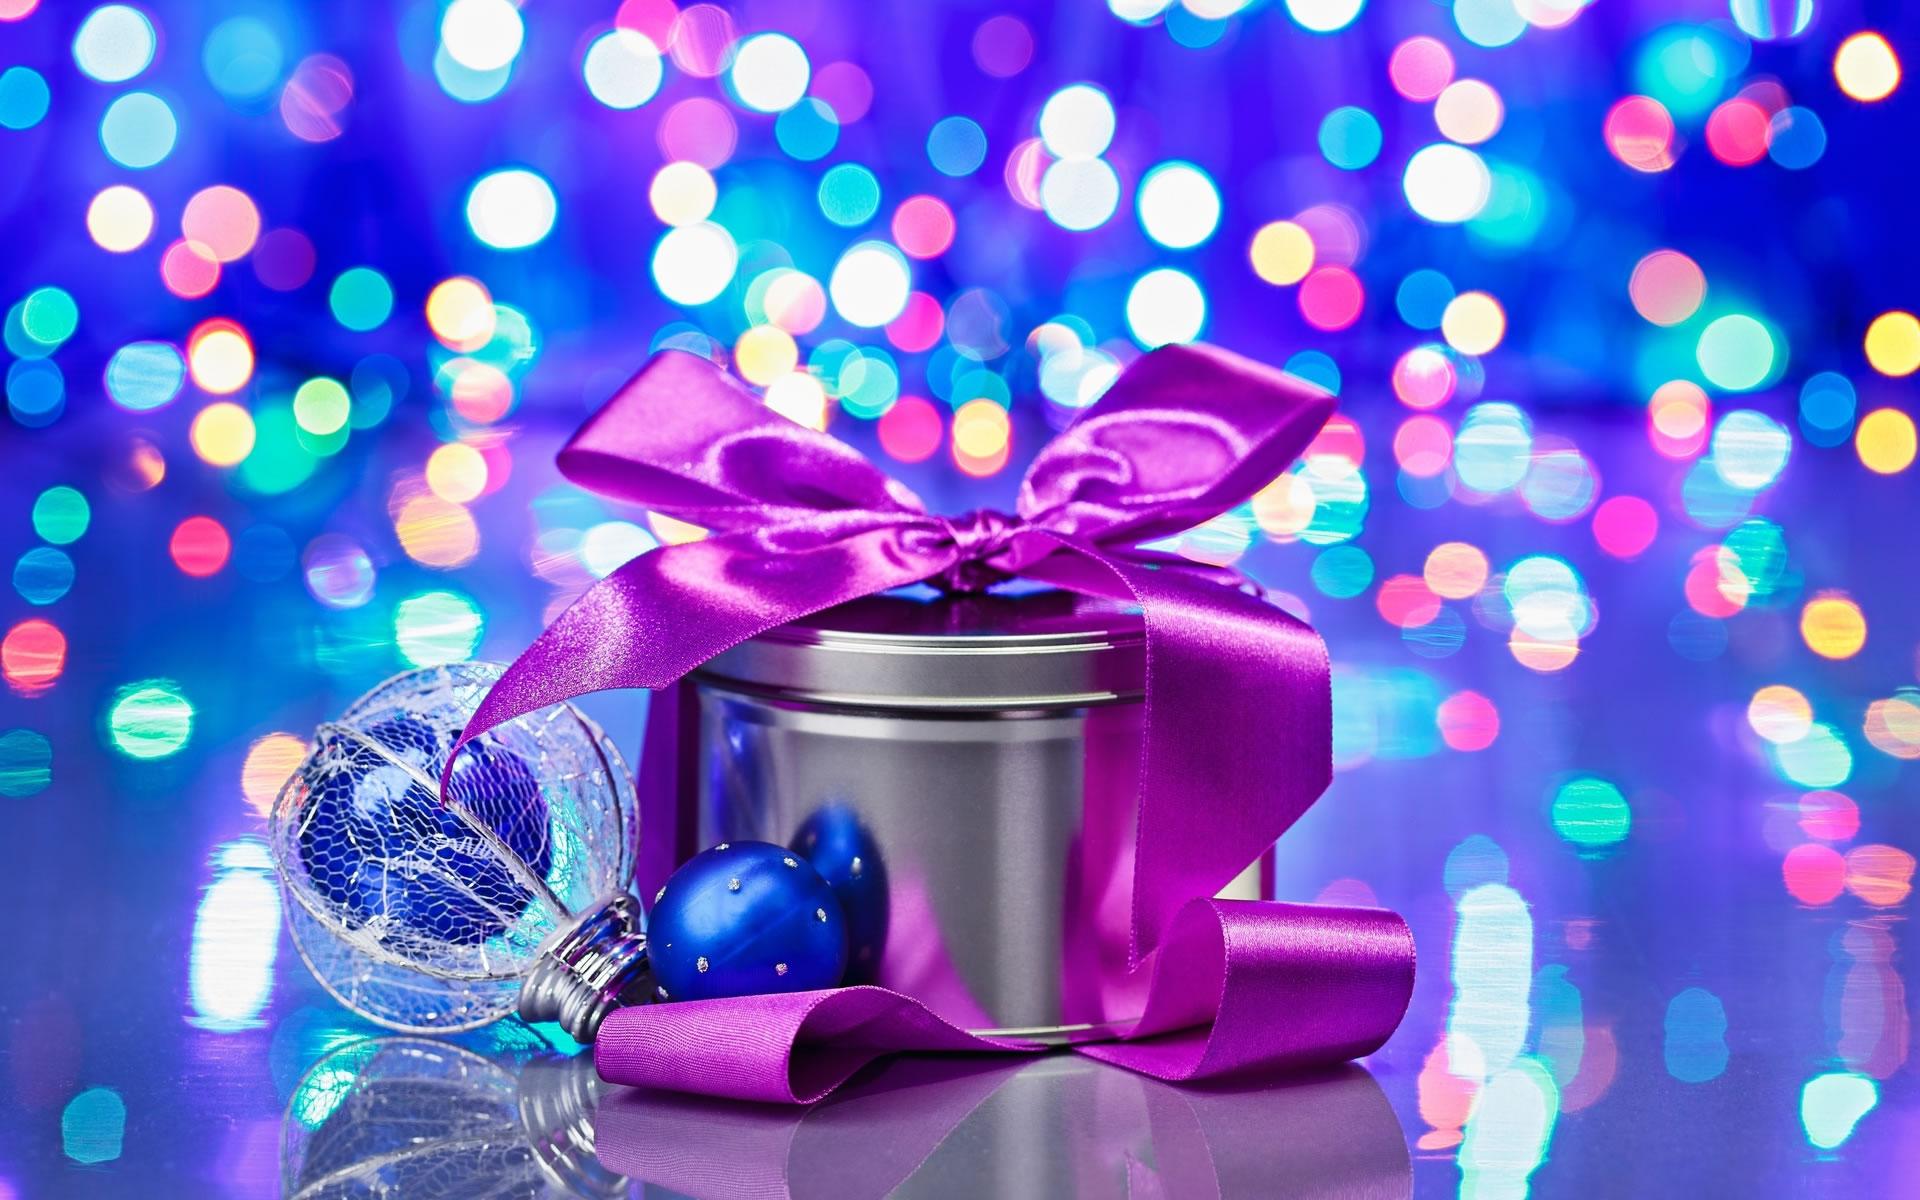 Fondos de Navidad hermosos